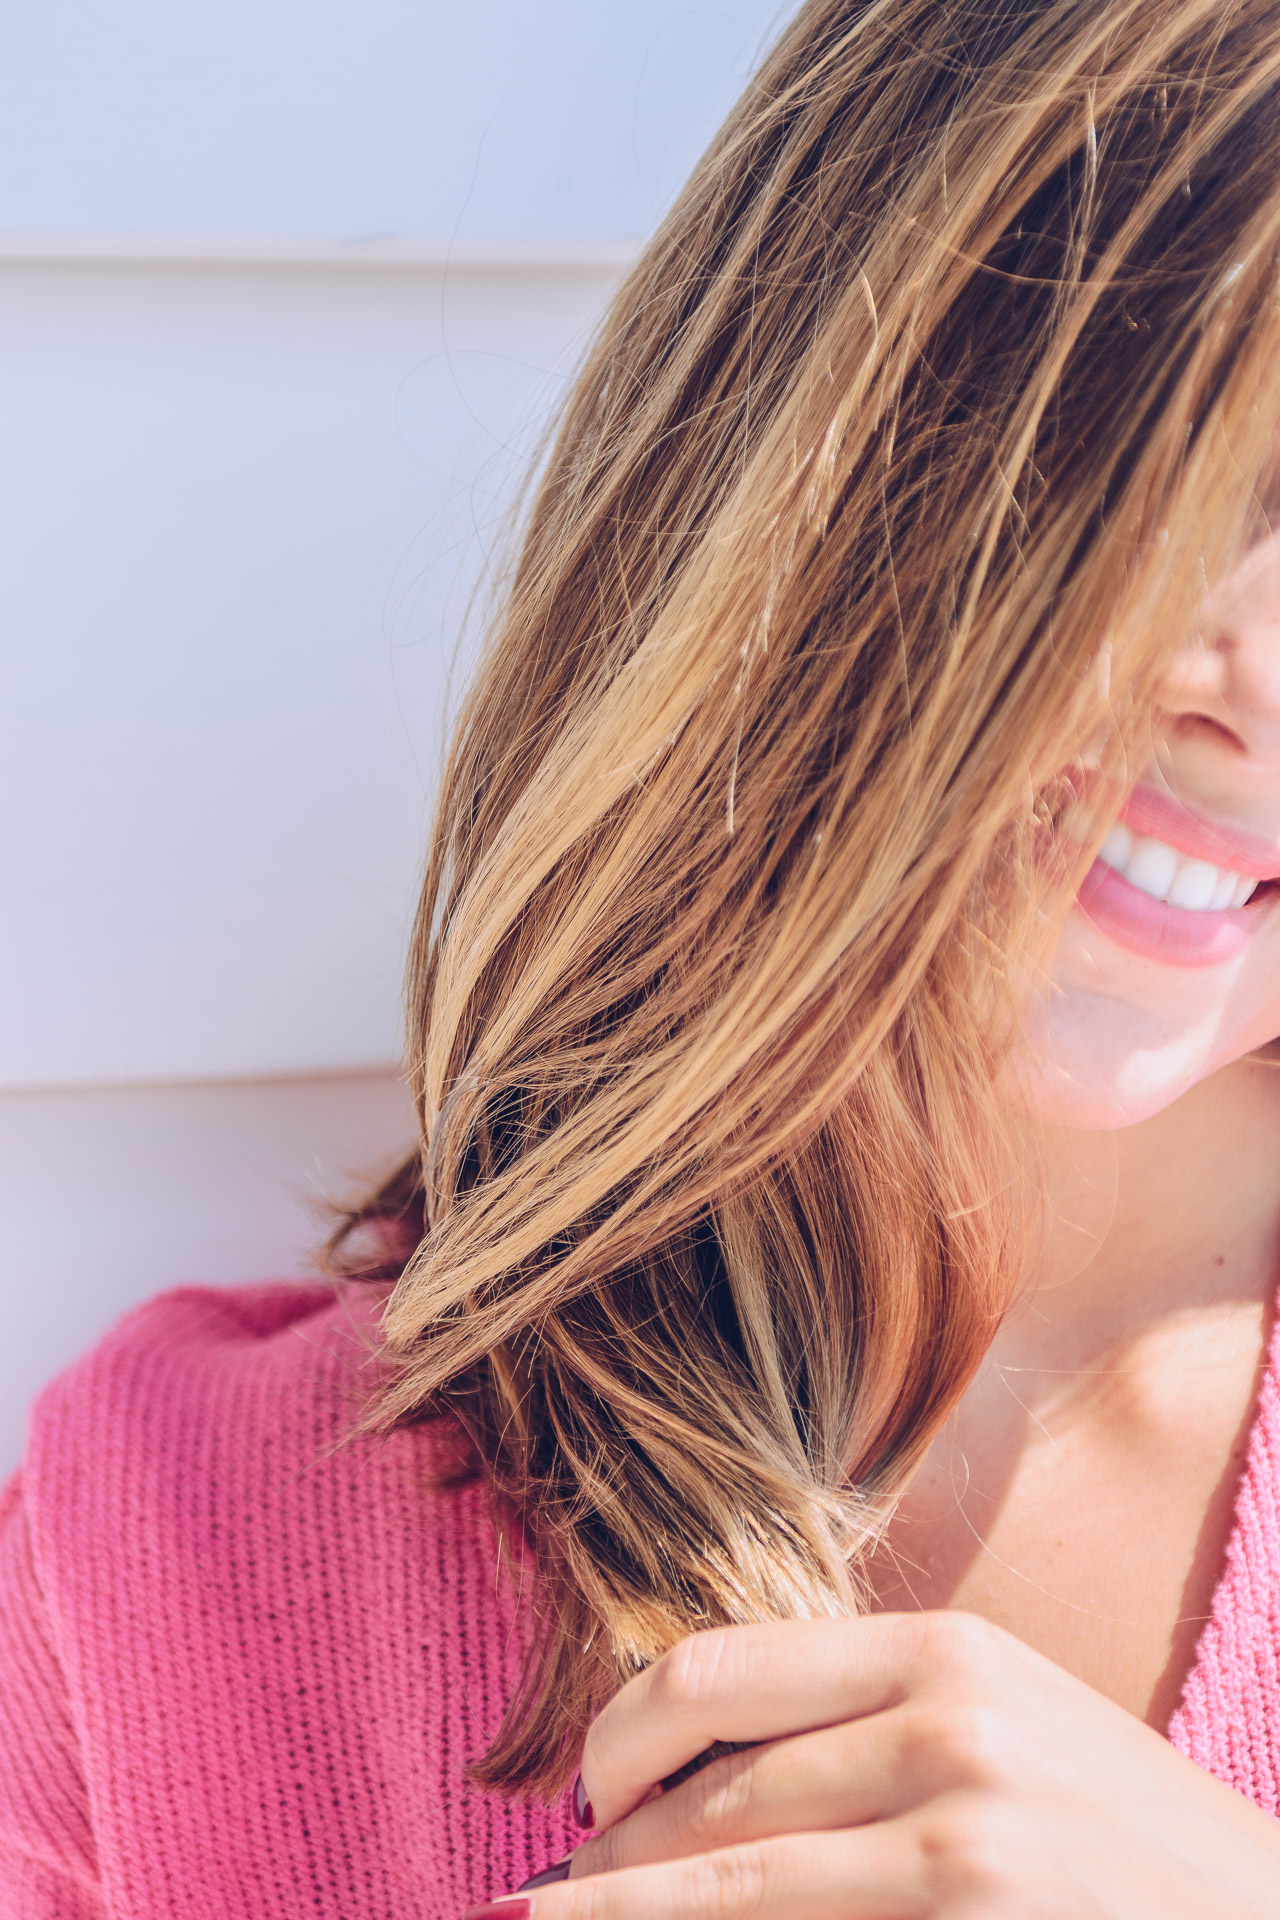 Blogger haircare